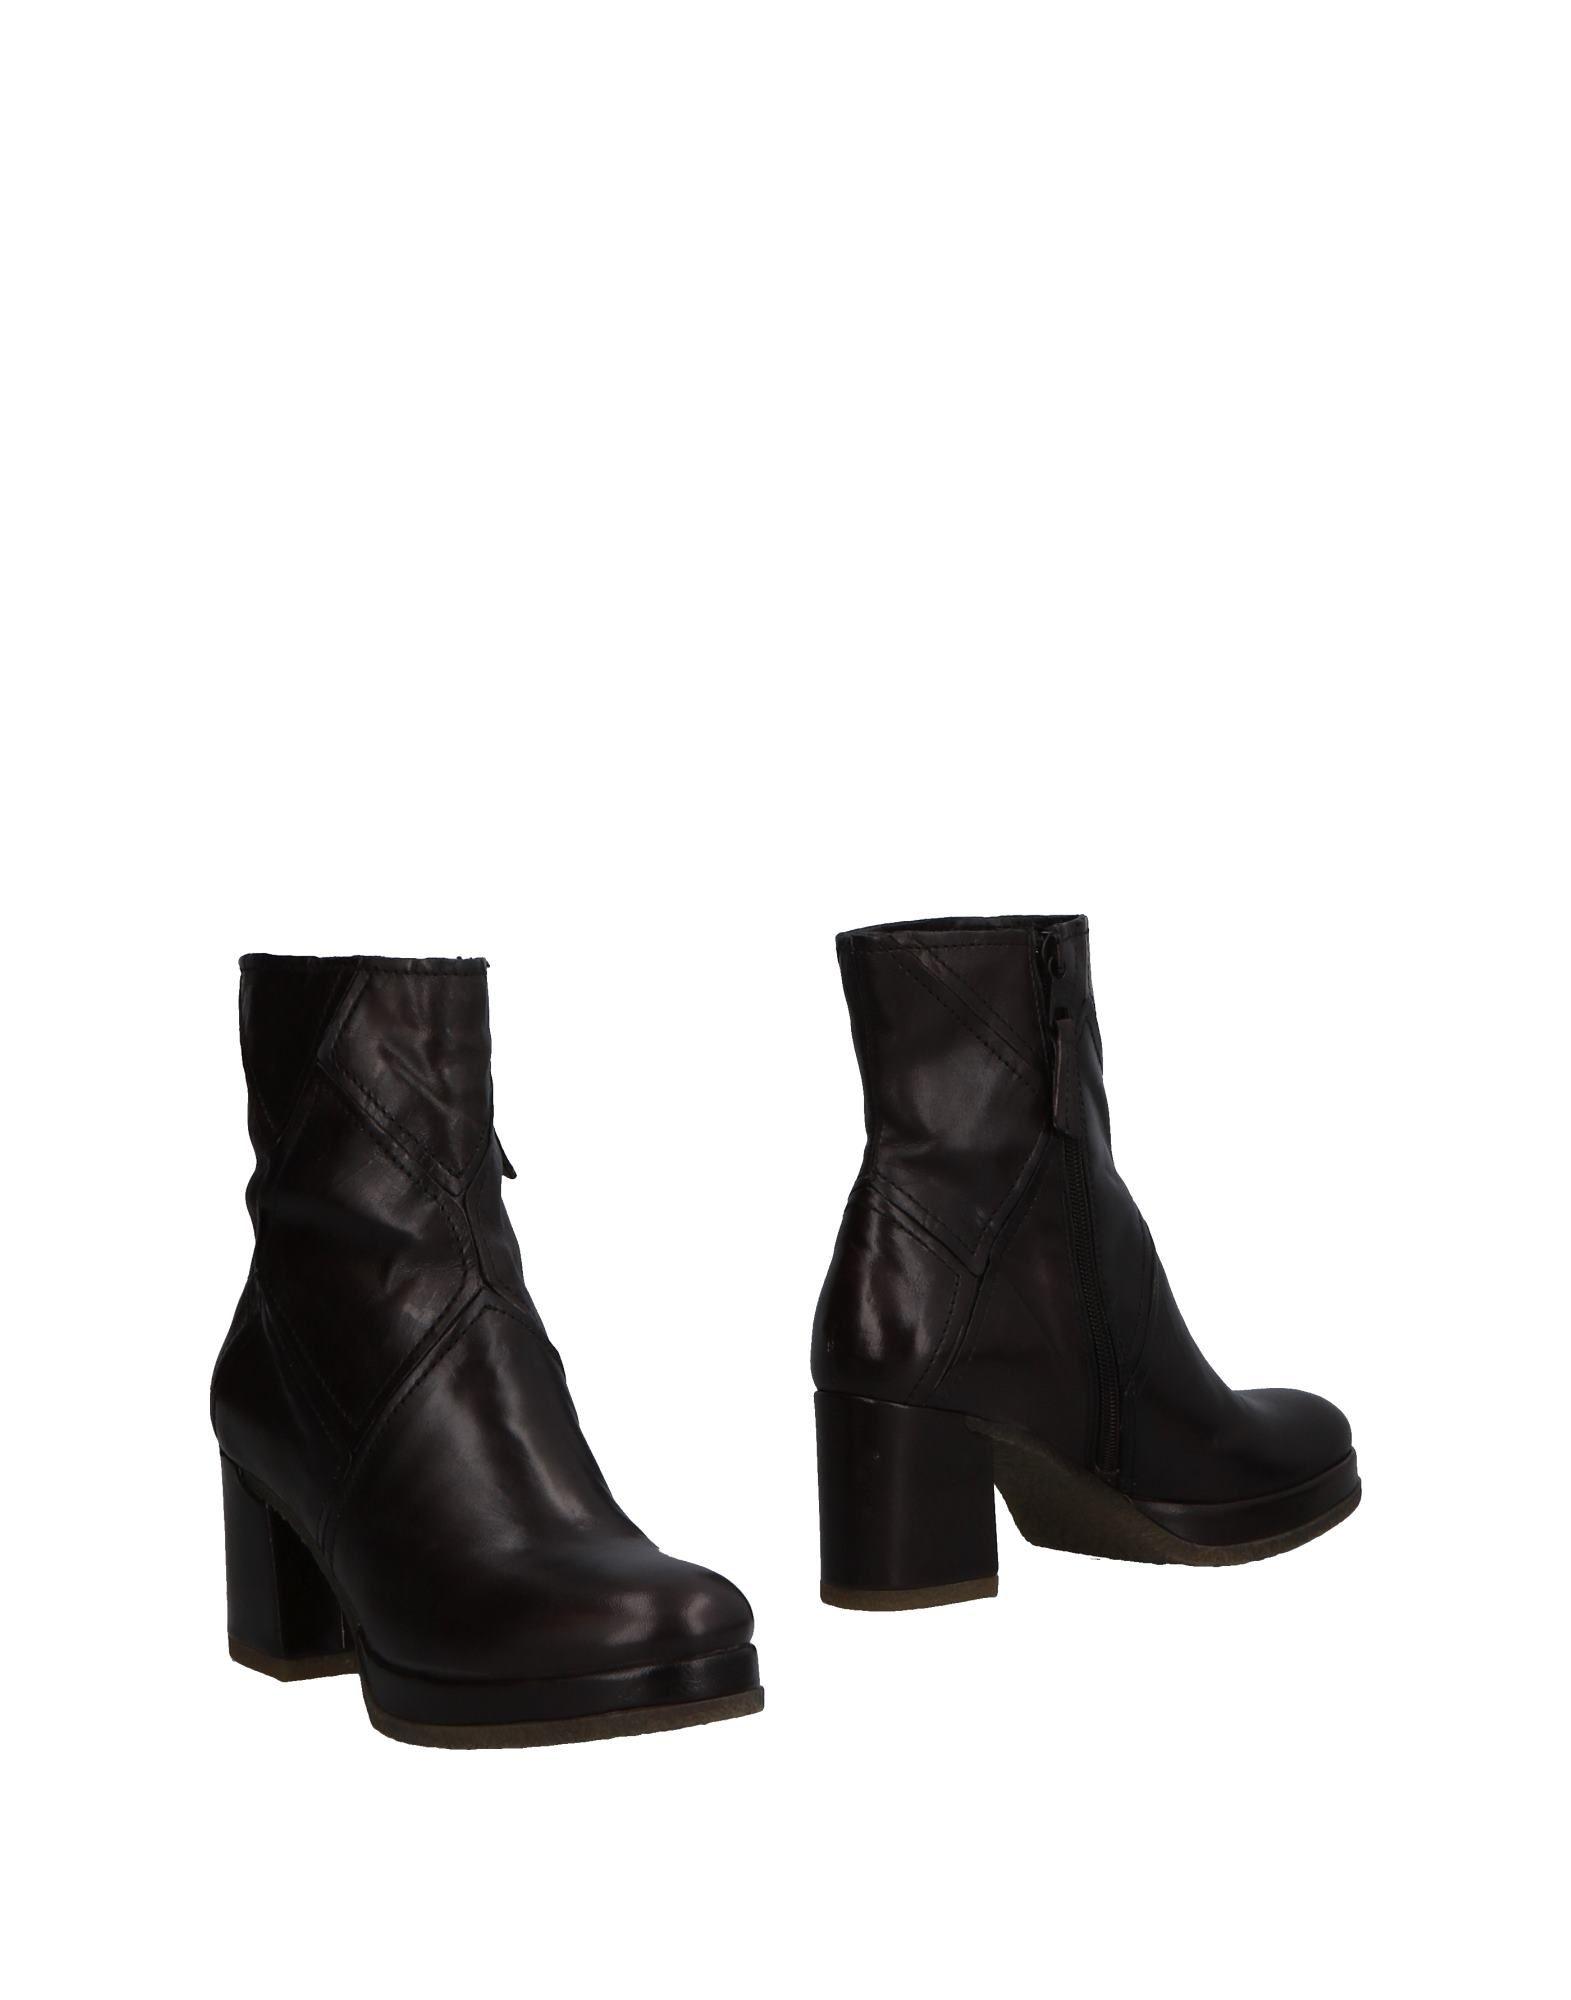 Mjus Stiefelette Damen  11485626TG Gute Qualität beliebte Schuhe